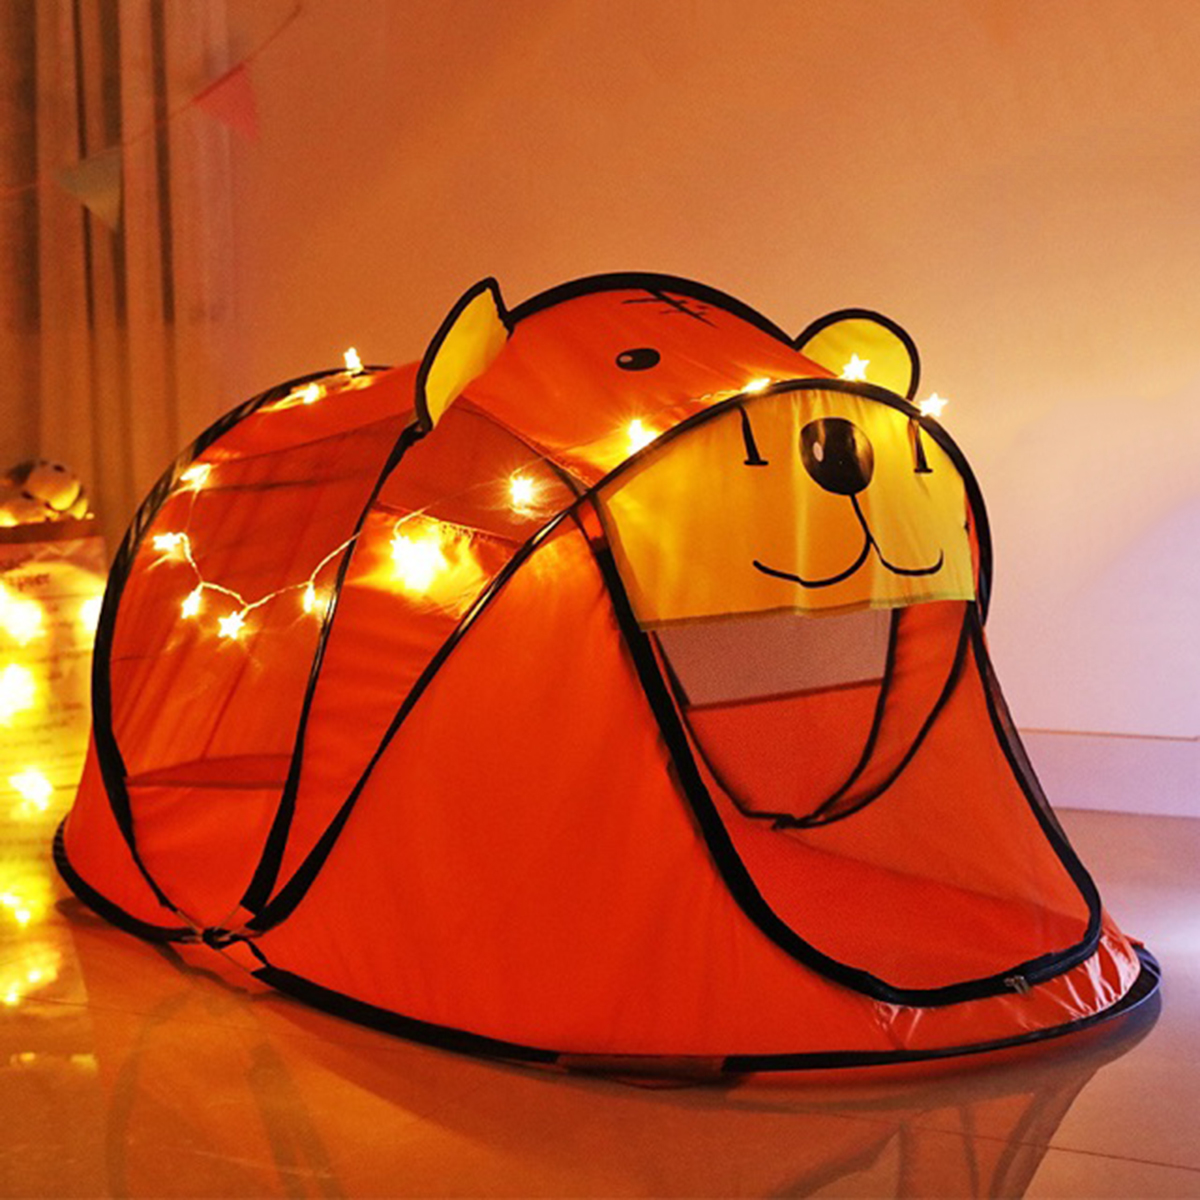 Lều Hình Gấu Baby Cho Bé - Lều Chơi Dã Ngoại - Thiết Kế Hình Gấu Baby Đáng Yêu - Chống Muỗi An Toàn, Thiết Kế Tự Bung, Dễ Dàng Di Chuyển, Tháo Rời, Cất Gọn.